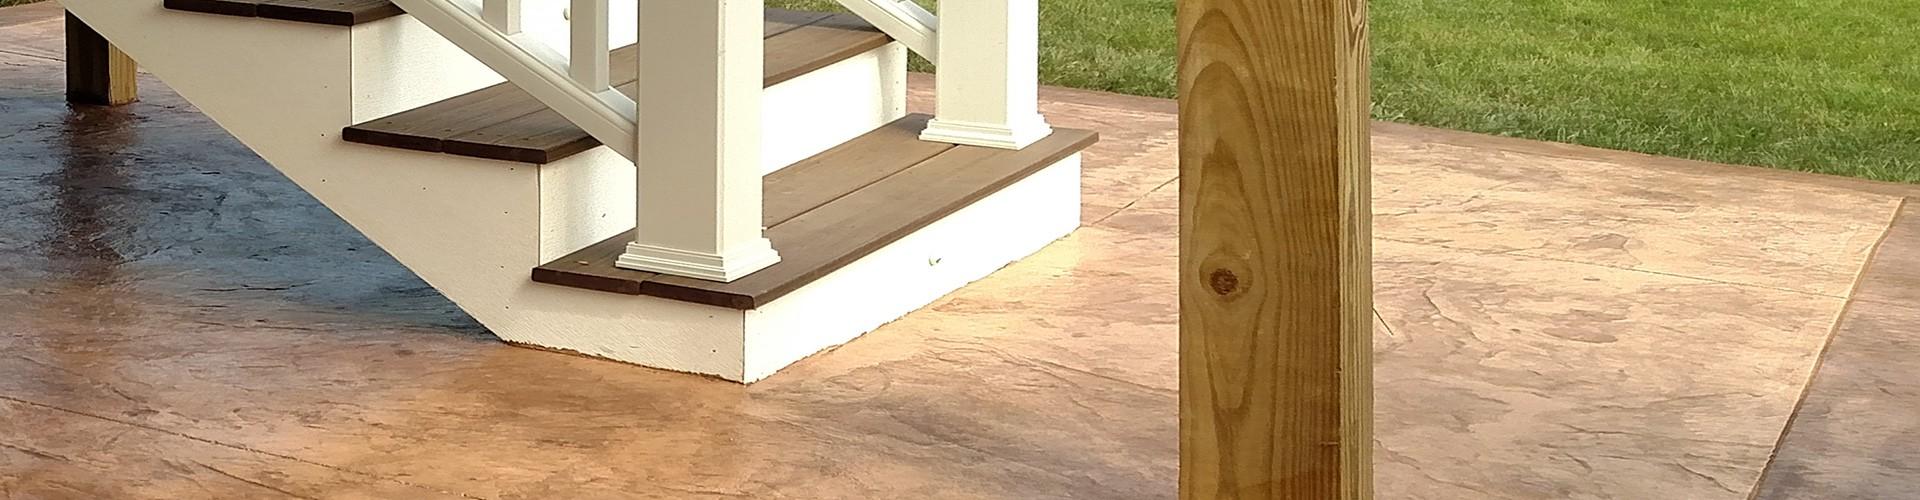 stamped_patio_under_deck